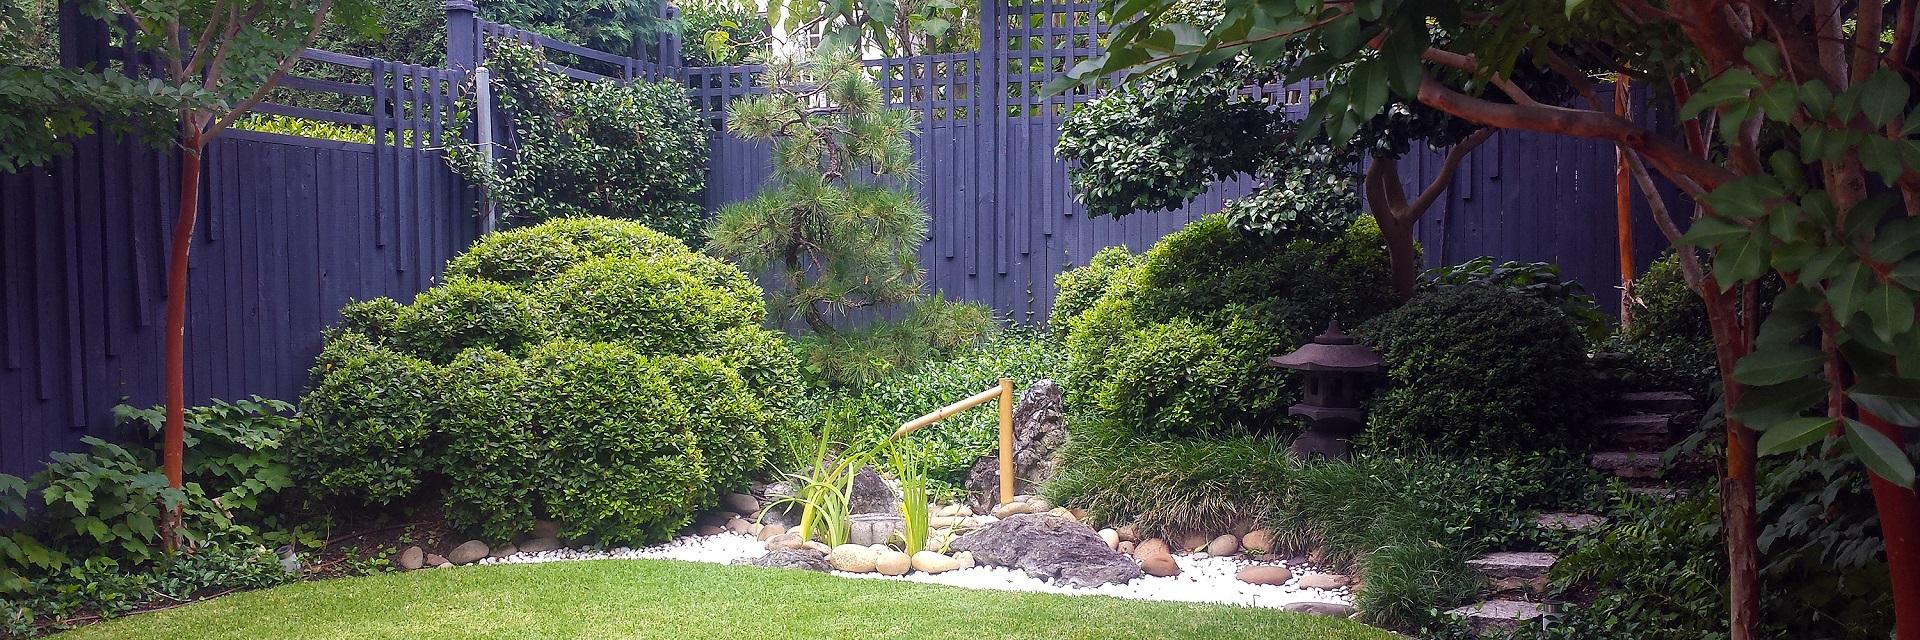 Morrisons-Gardens-Slider-3